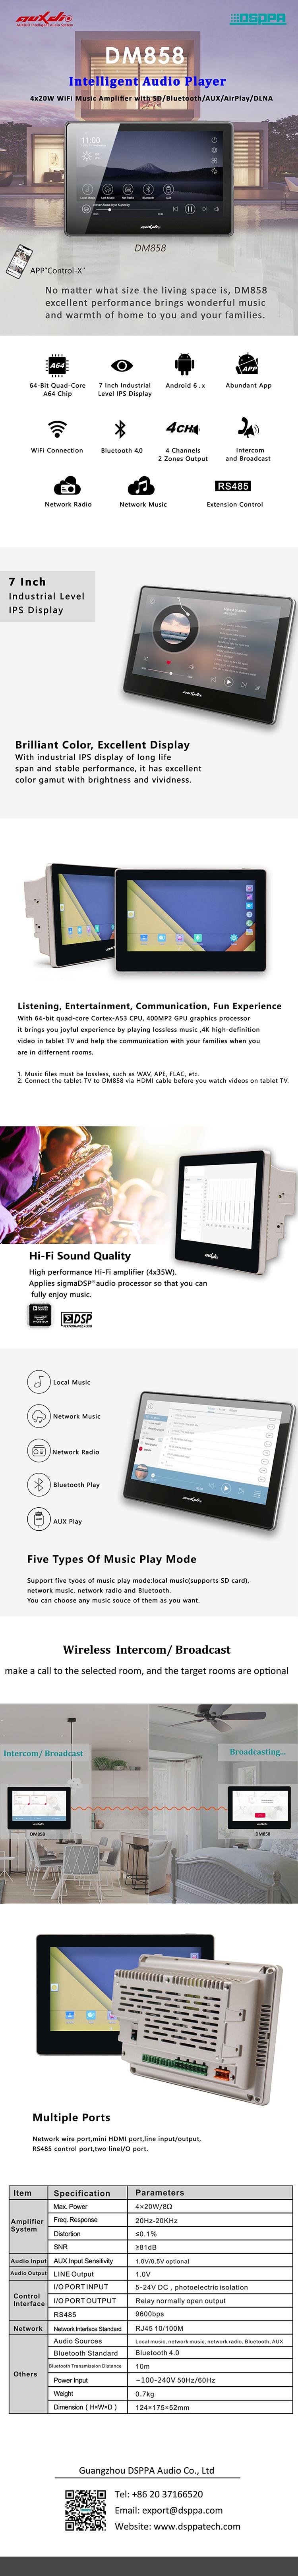 DM858 4x20W WiFi Music Amplifier